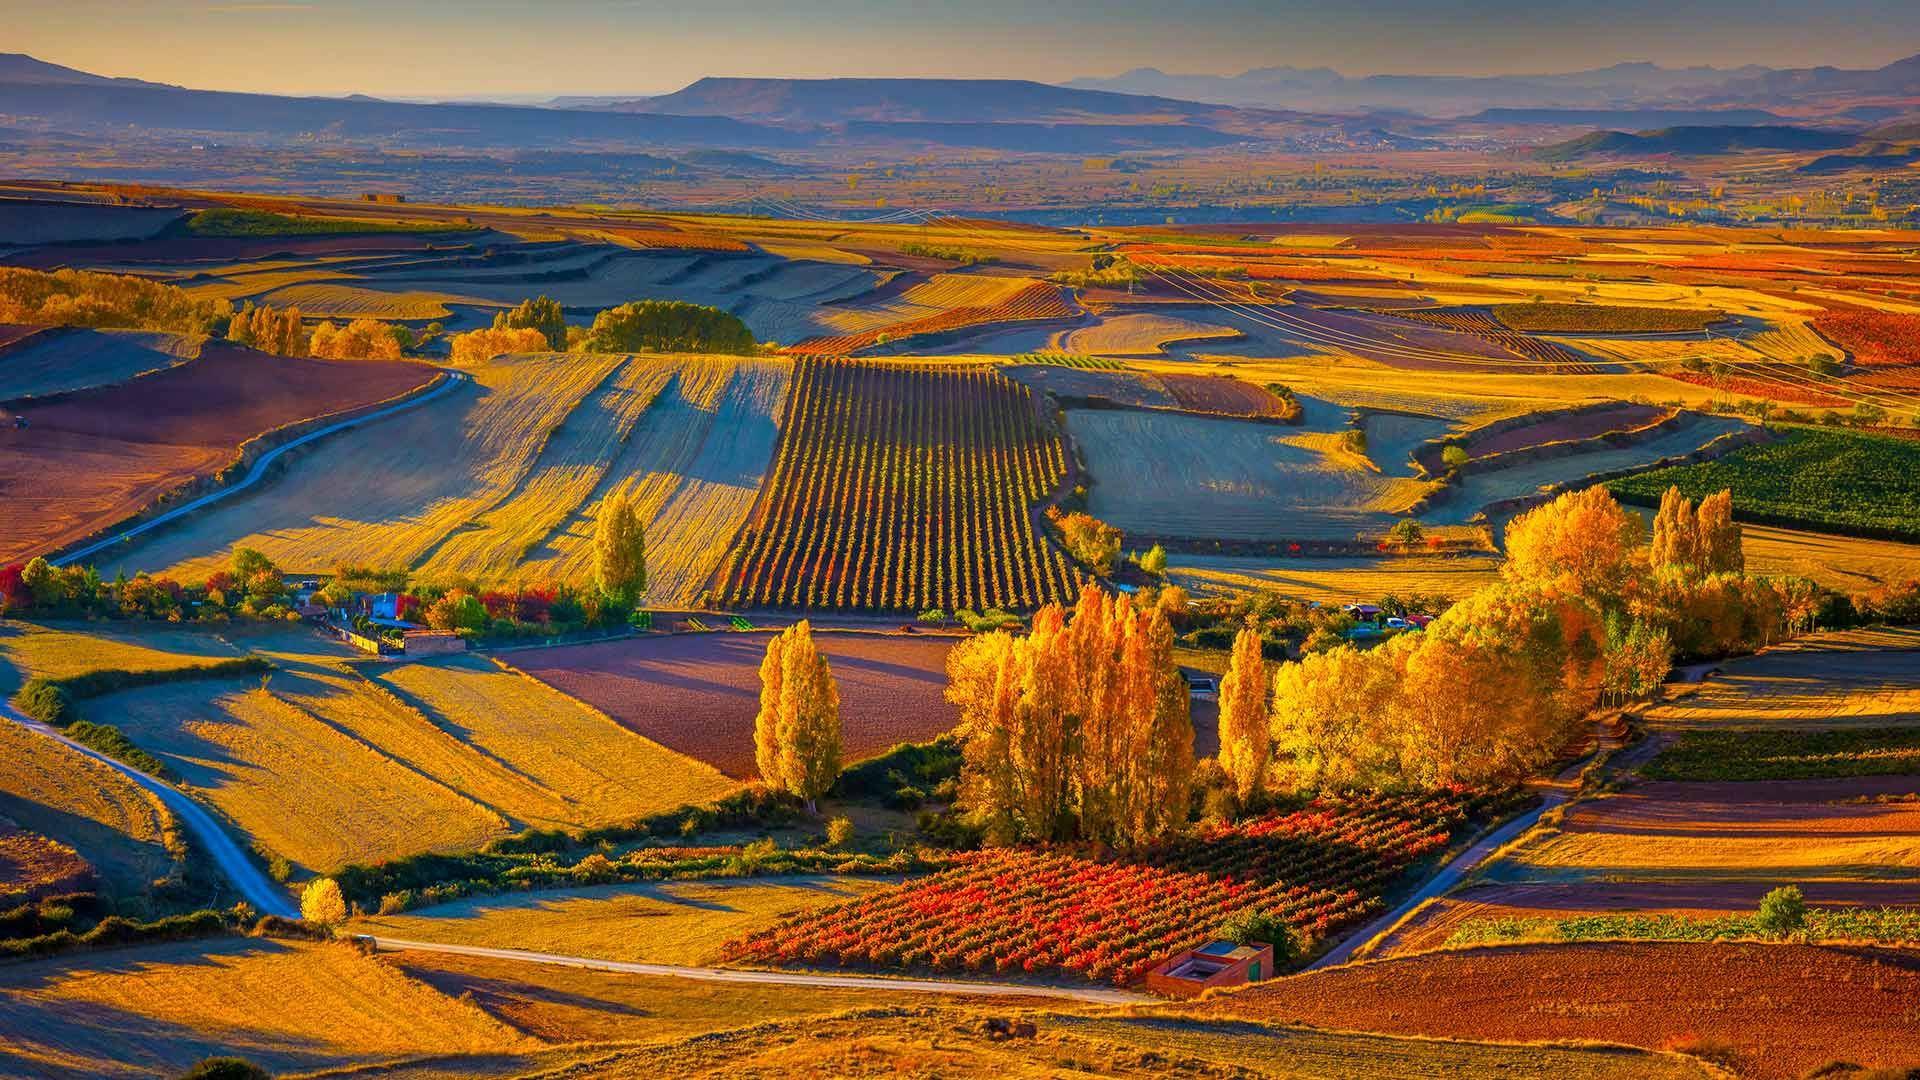 班牙里奥哈区克拉维霍镇附近的秋日景色